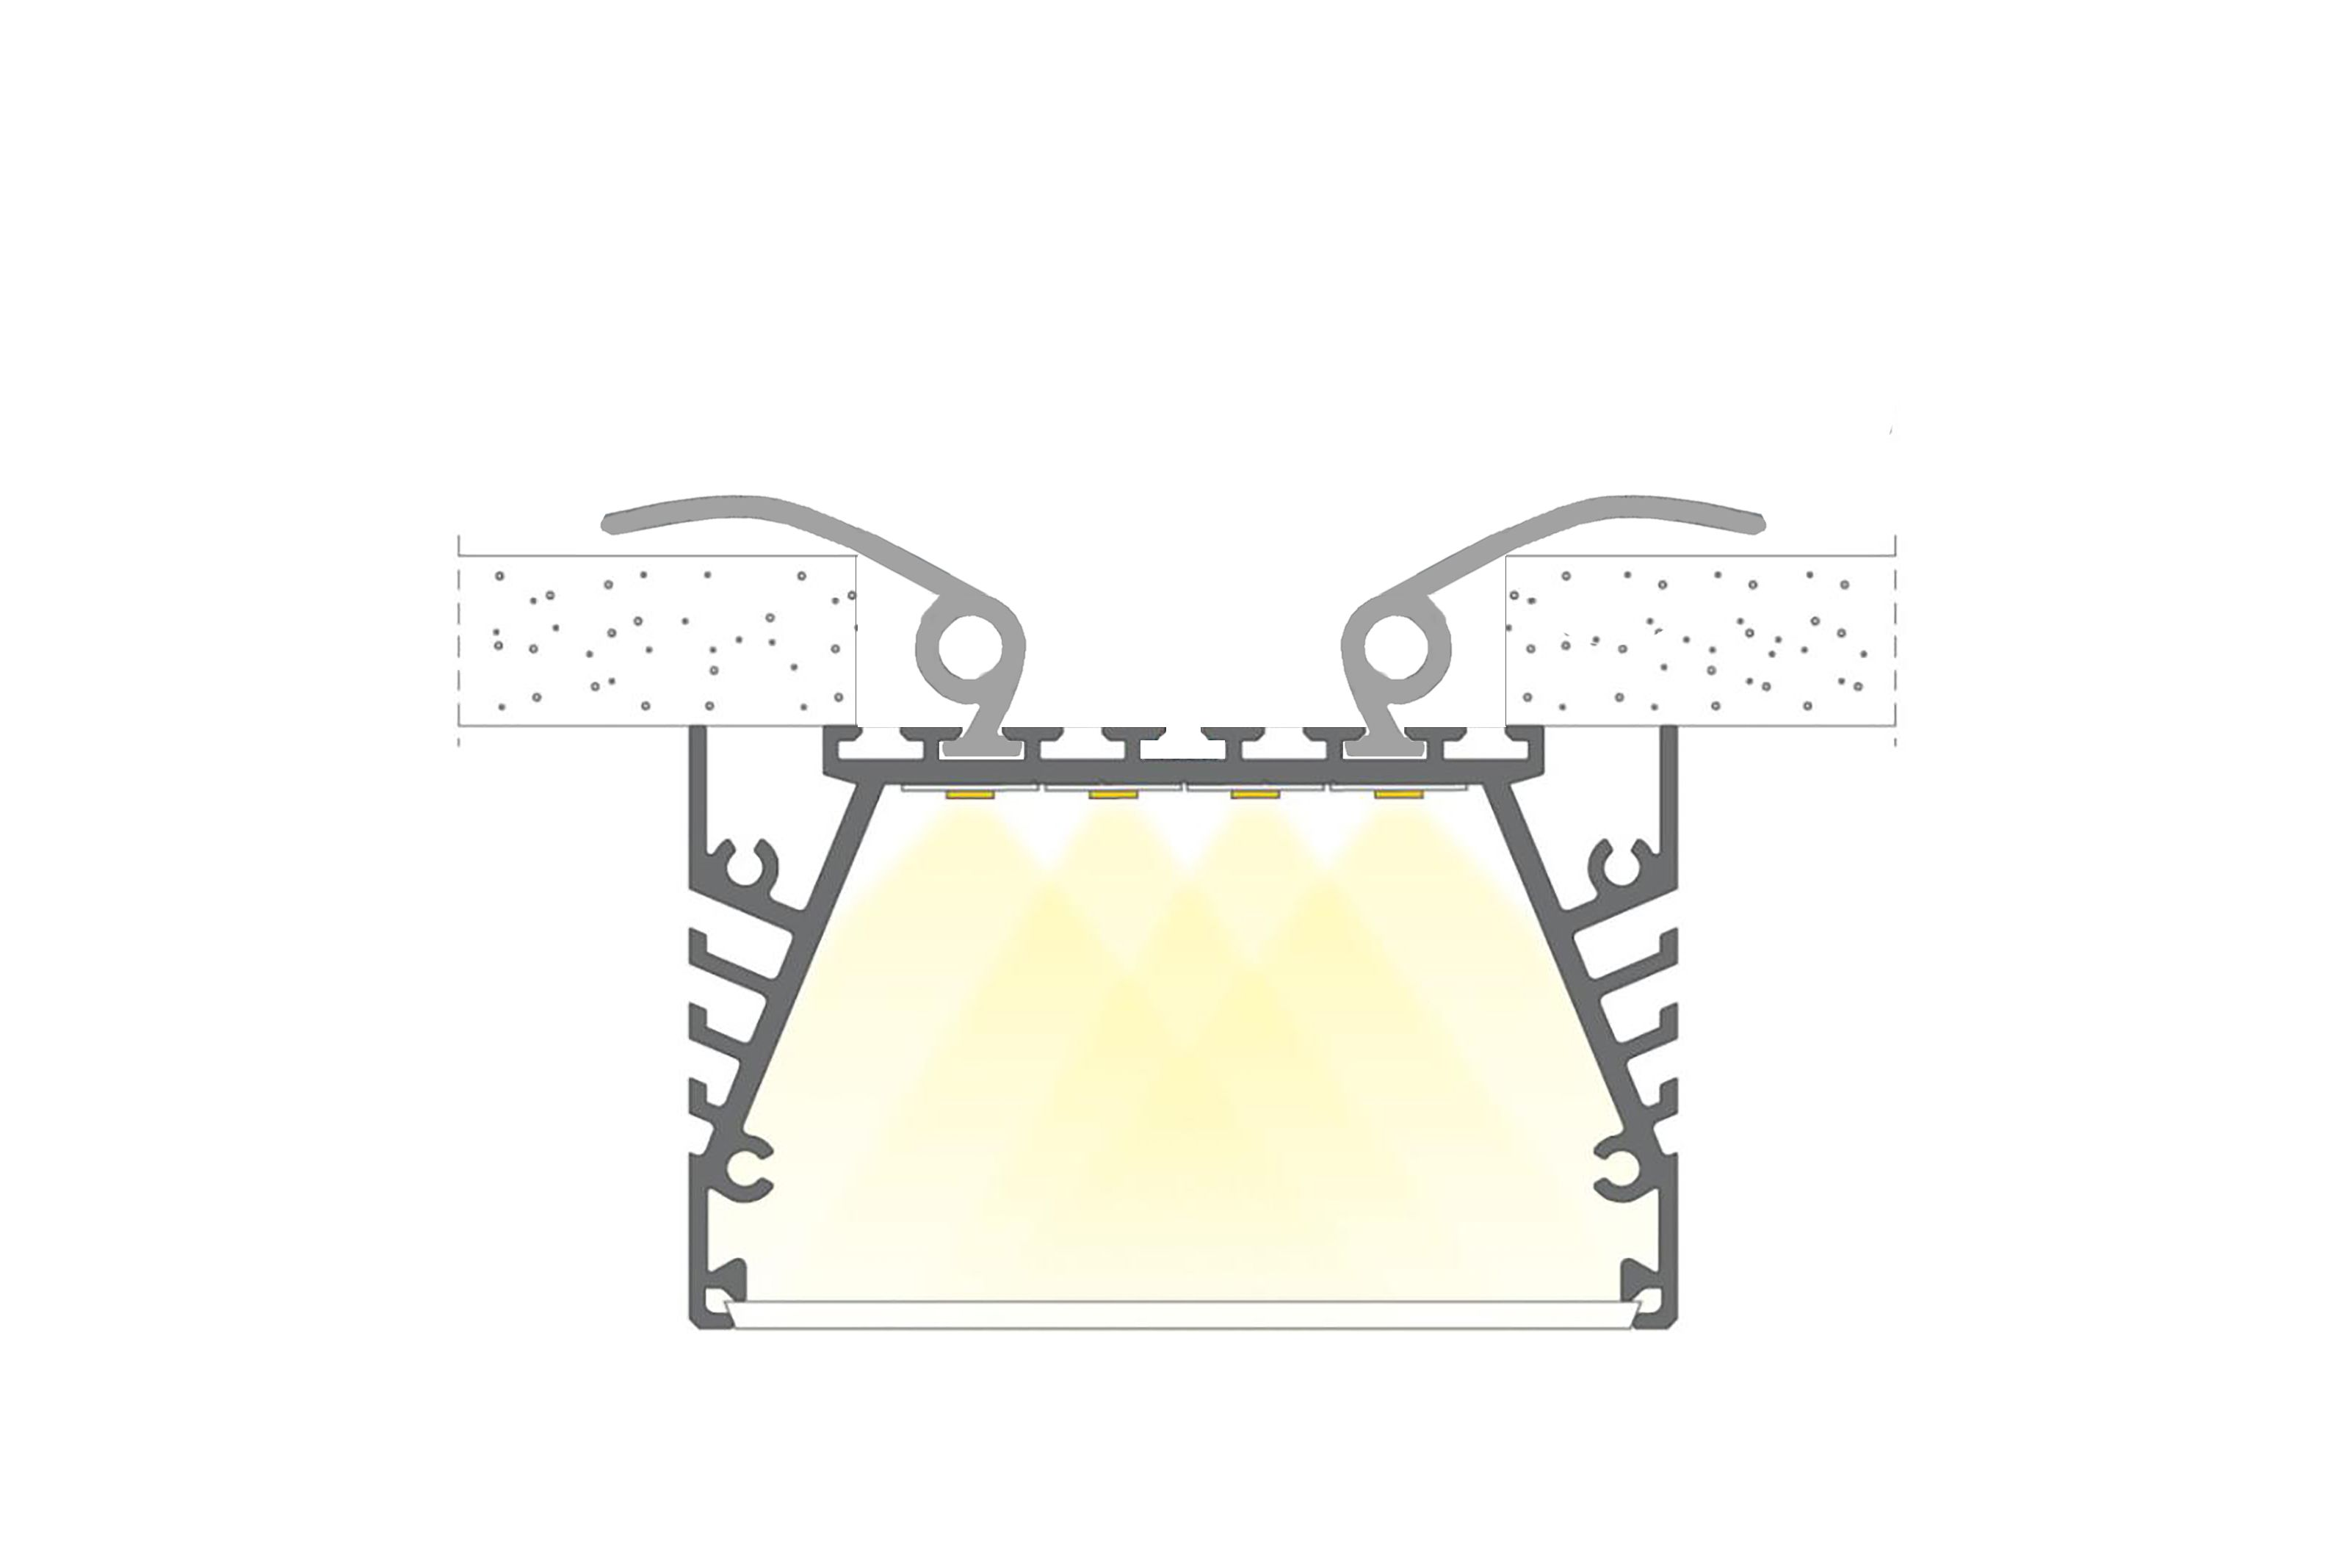 lightline-rico-4-mj-lighting-v2